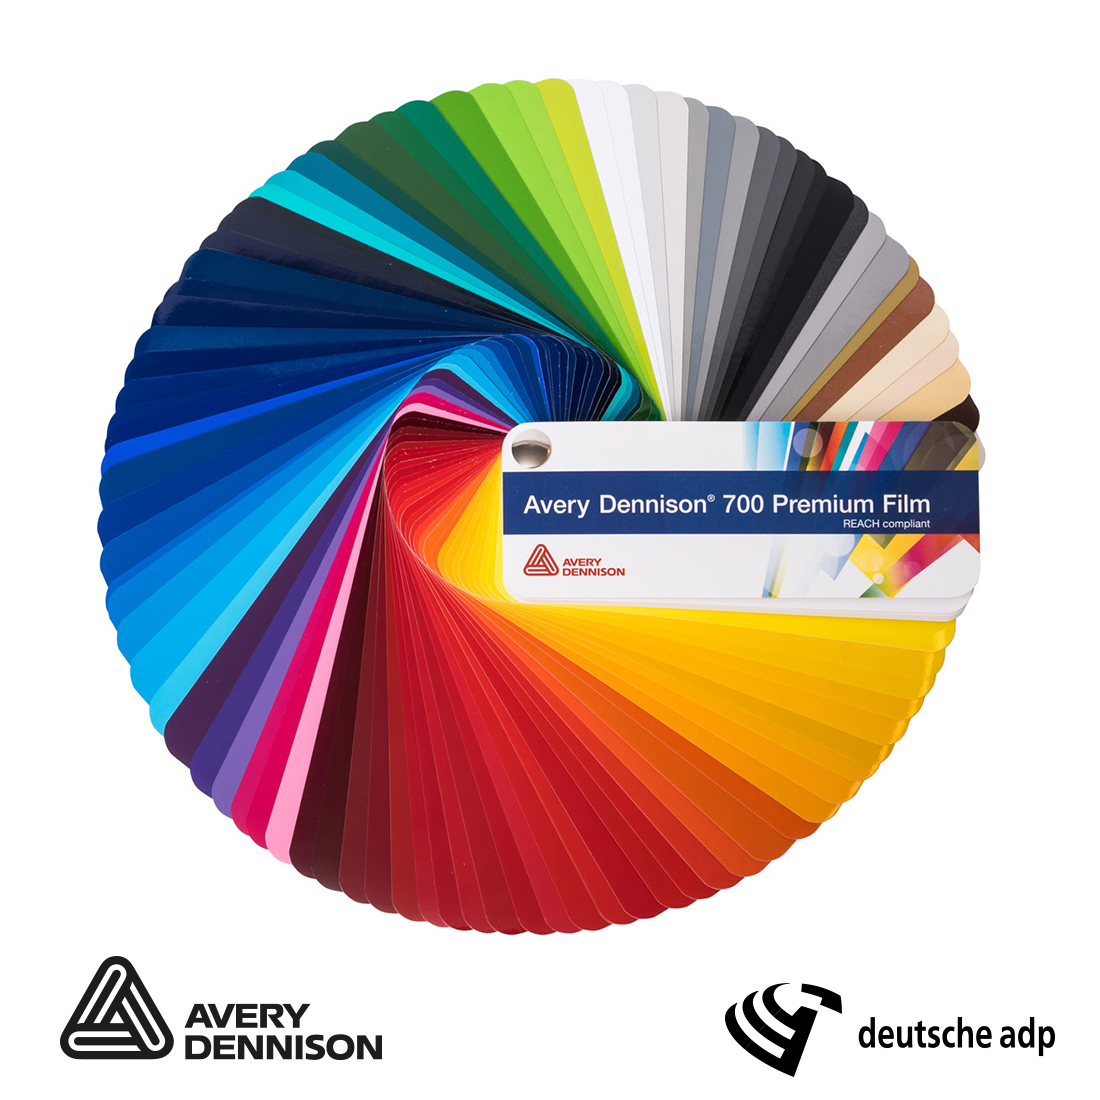 Avery Dennison 700 Premium Film